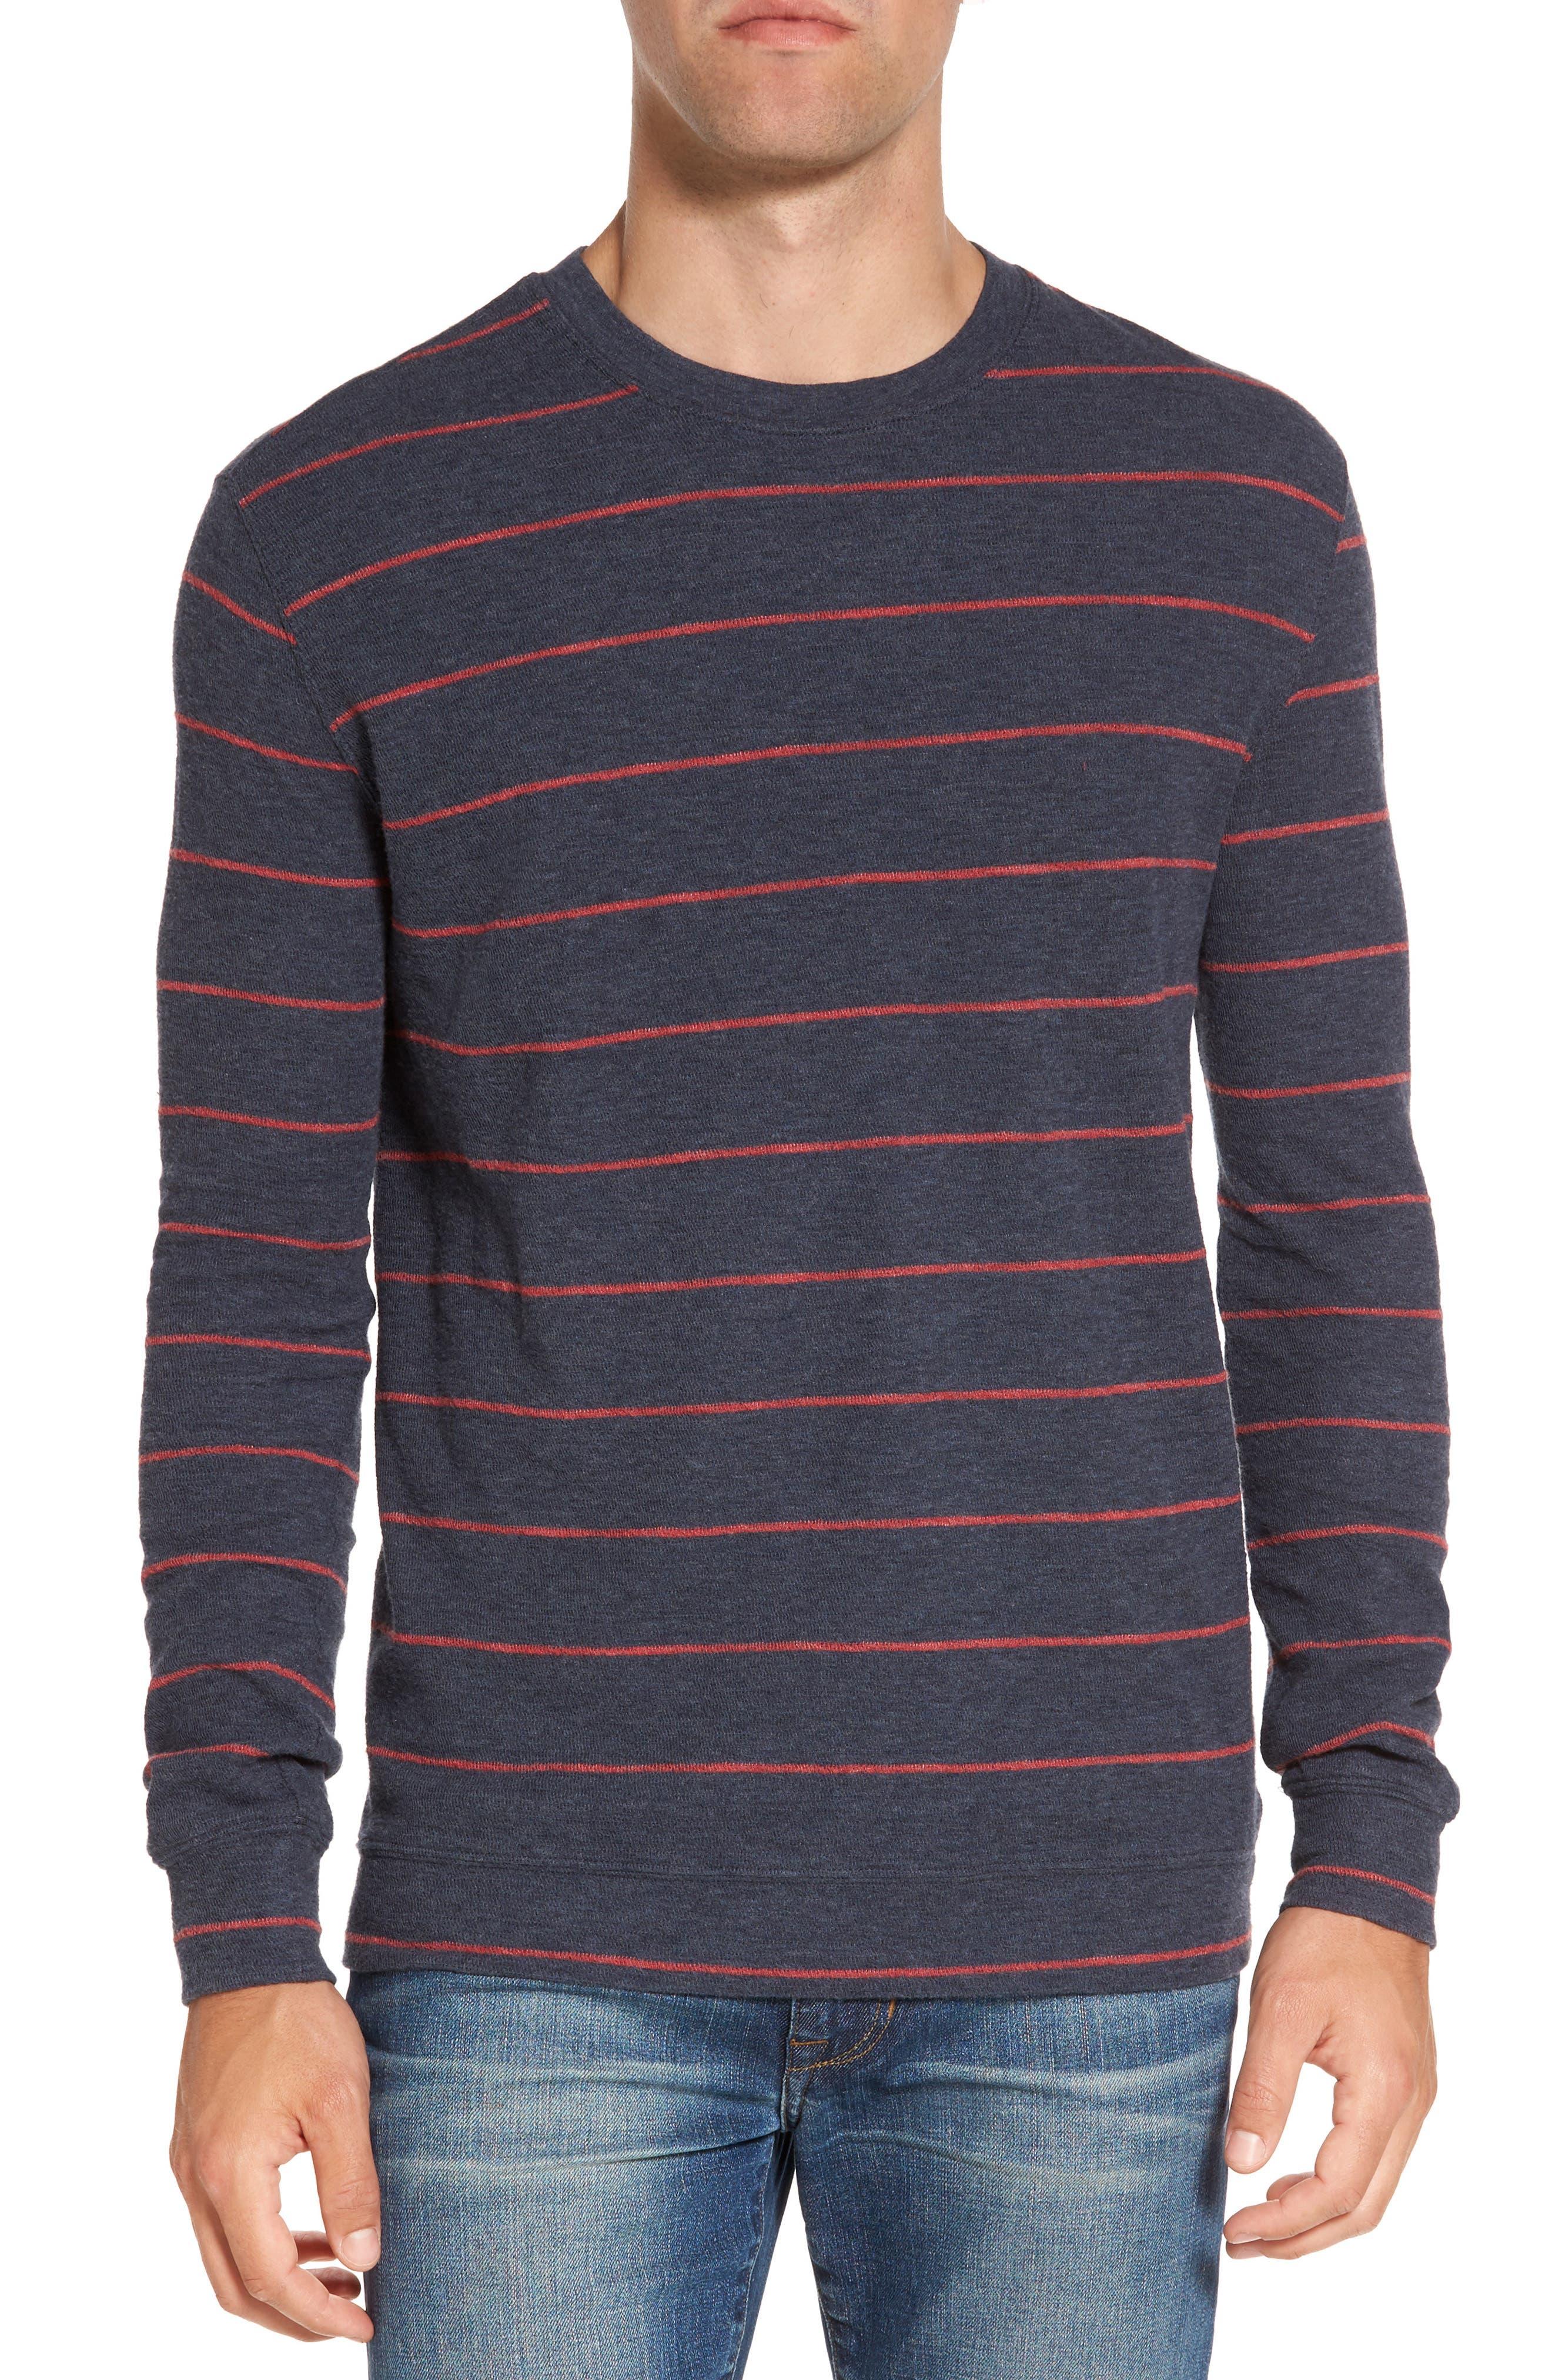 Baird Stripe Crewneck Sweatshirt,                         Main,                         color, 412